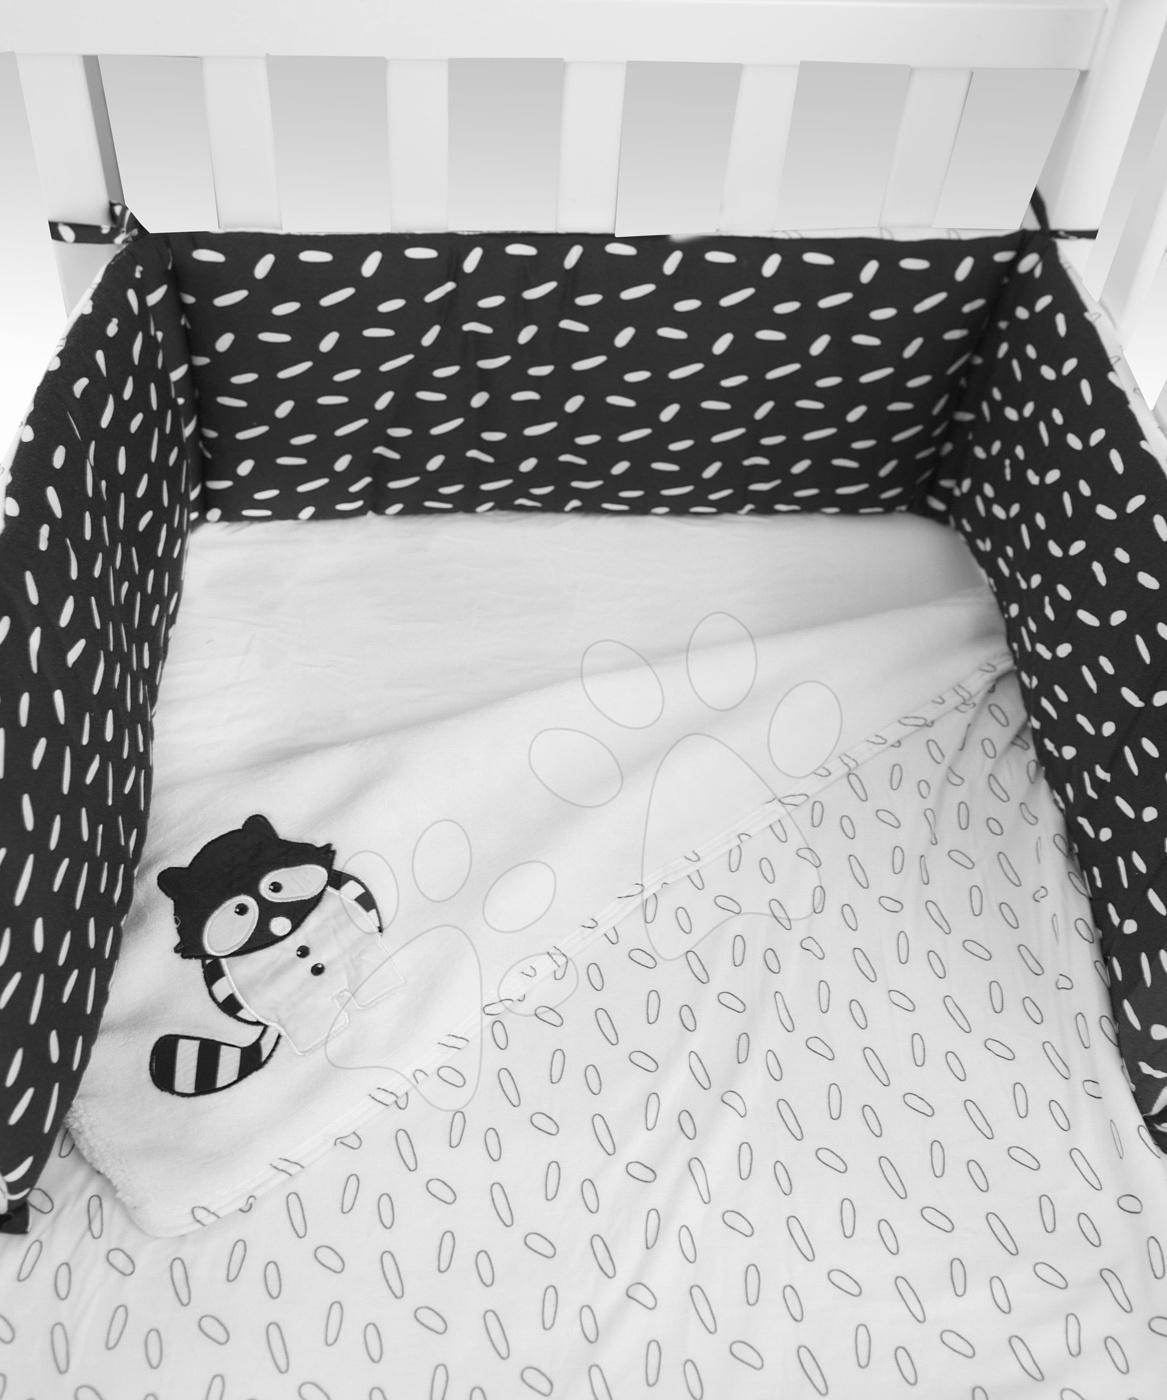 Set za posteljico Rakun Bamboo Black&White toTs-smarTrike odejo, rjuha in gnezdo 70% bambus svila in 30 % bombaža